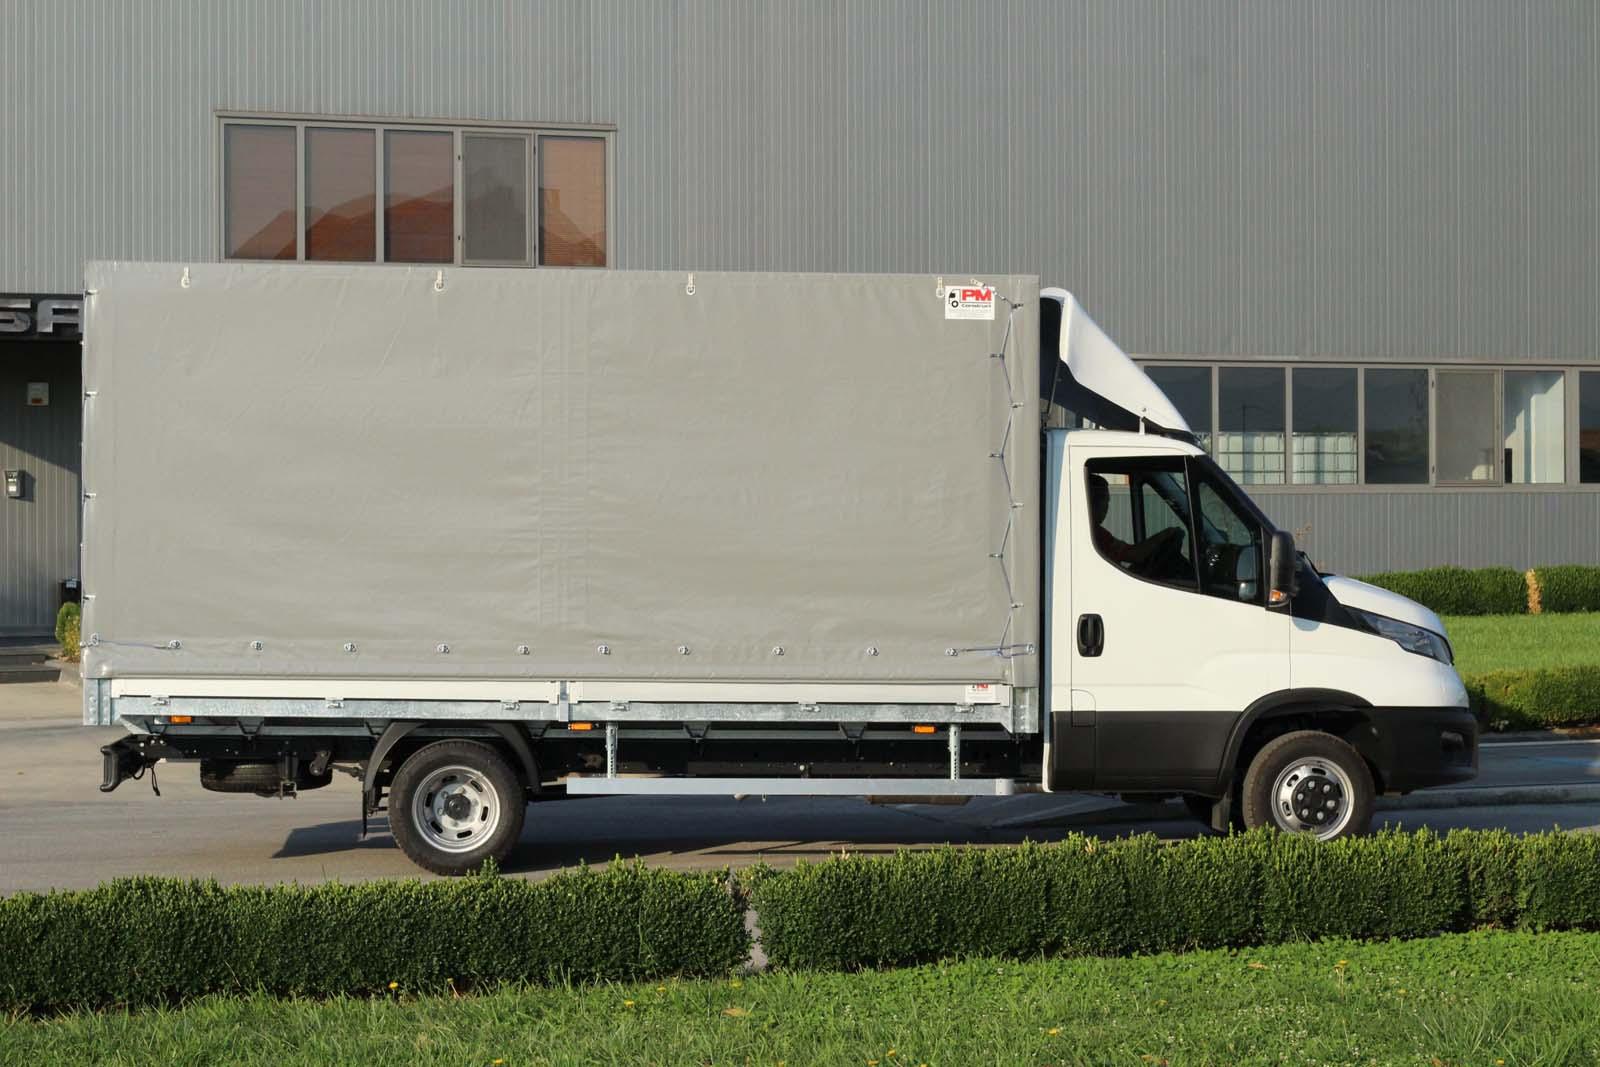 burgas-truck-service-upgrades-8